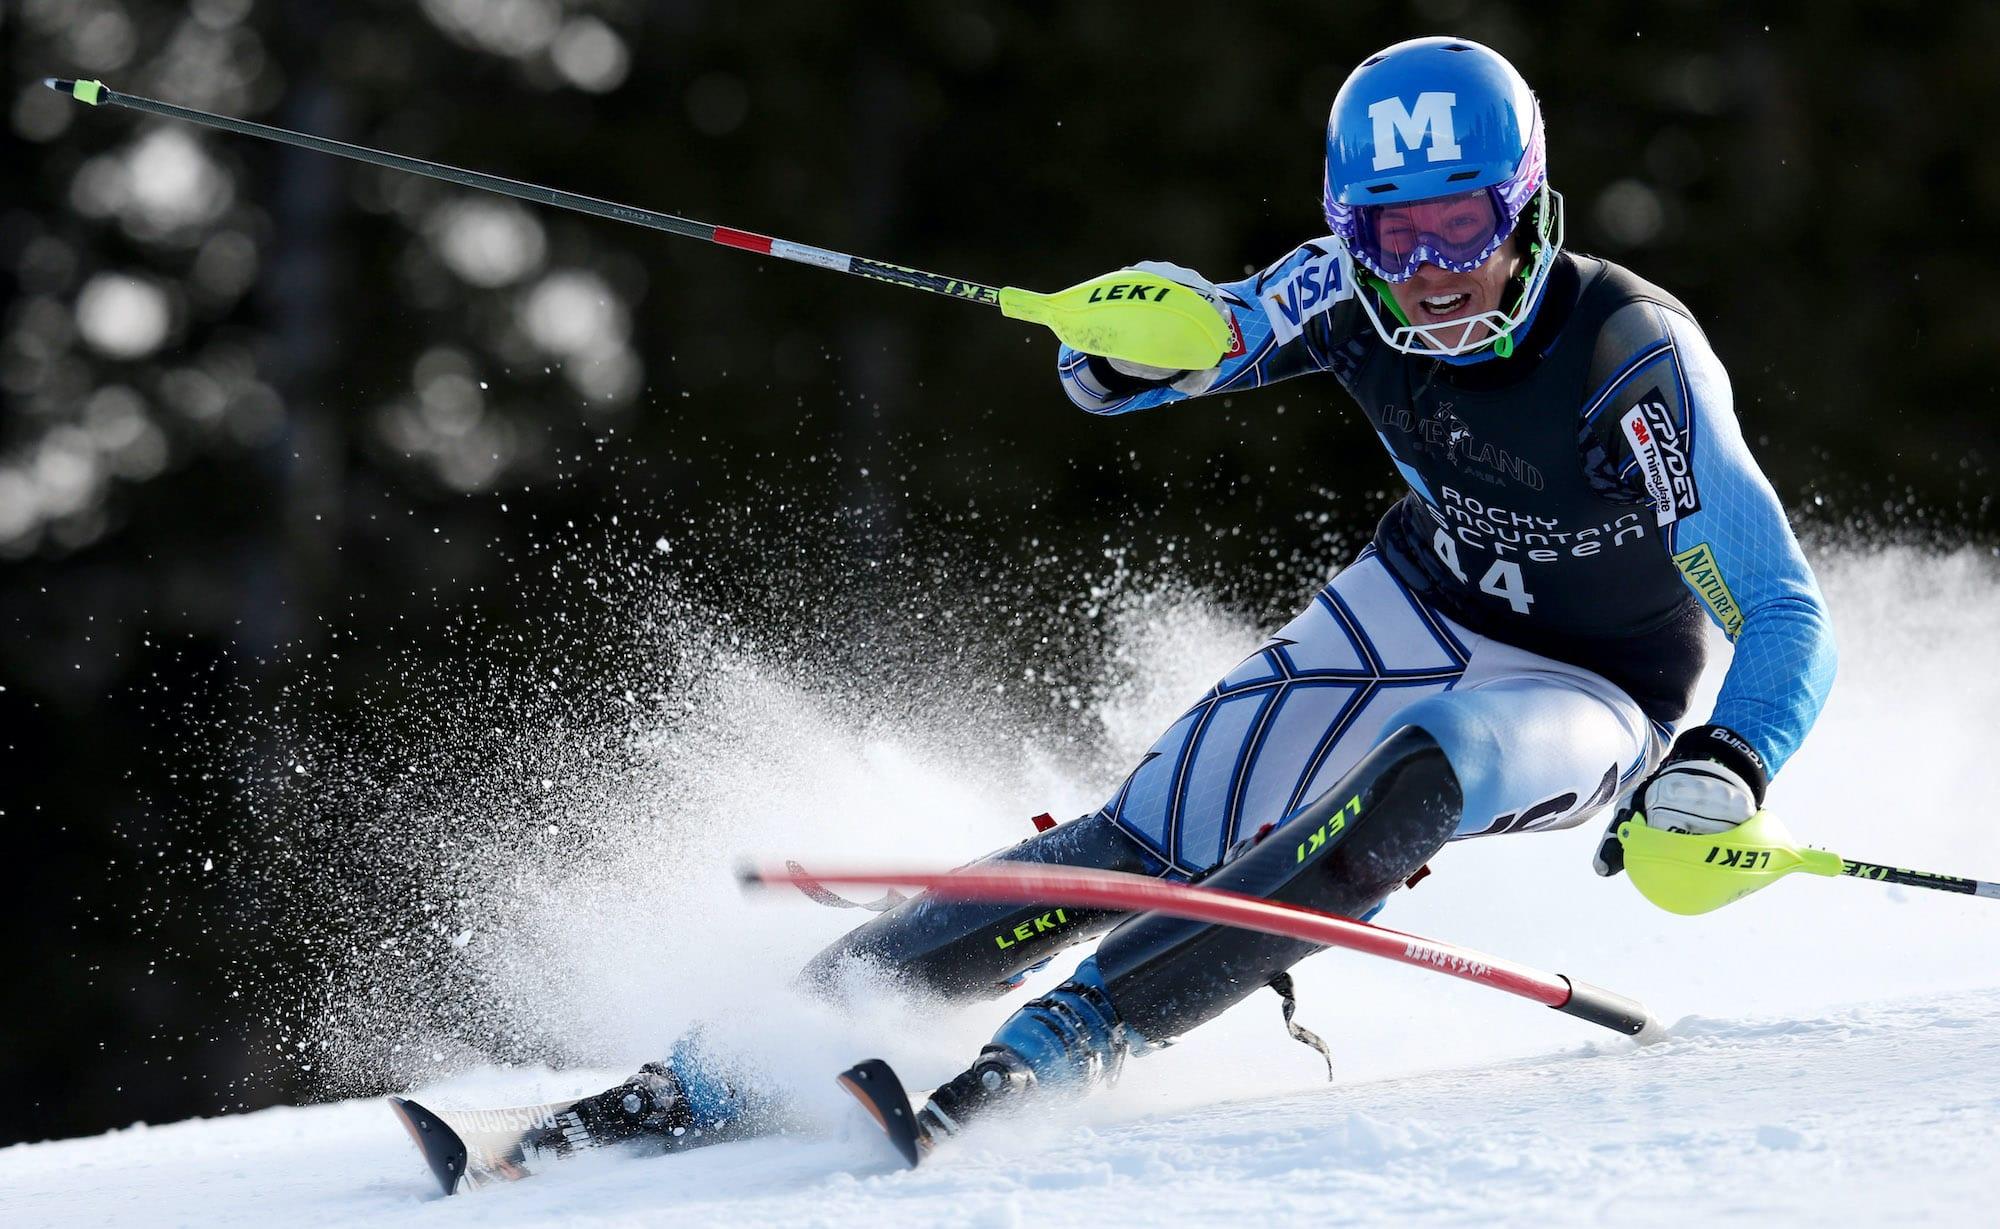 Hig Roberts campeon de esqui